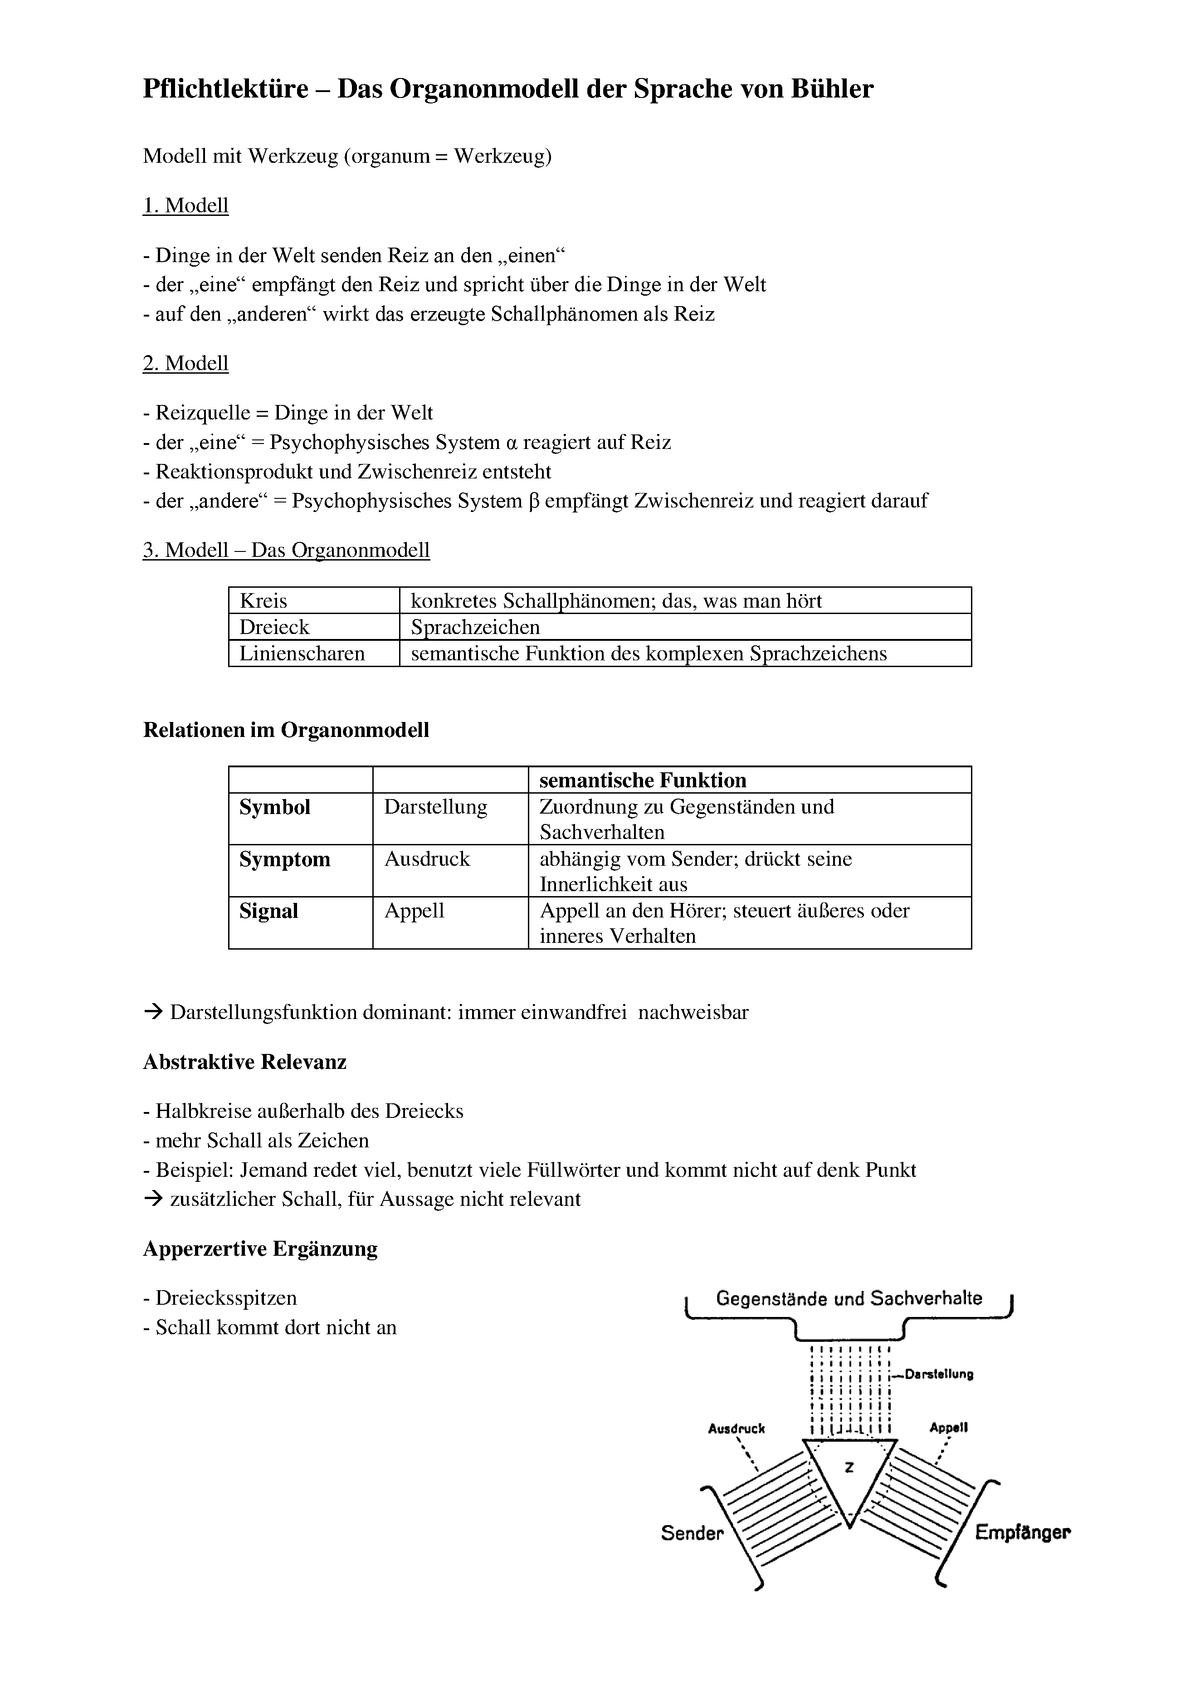 Lernzettel Pflichtlekture Organonmodell Das Organonmodell Der Sprache Von Modell Studocu